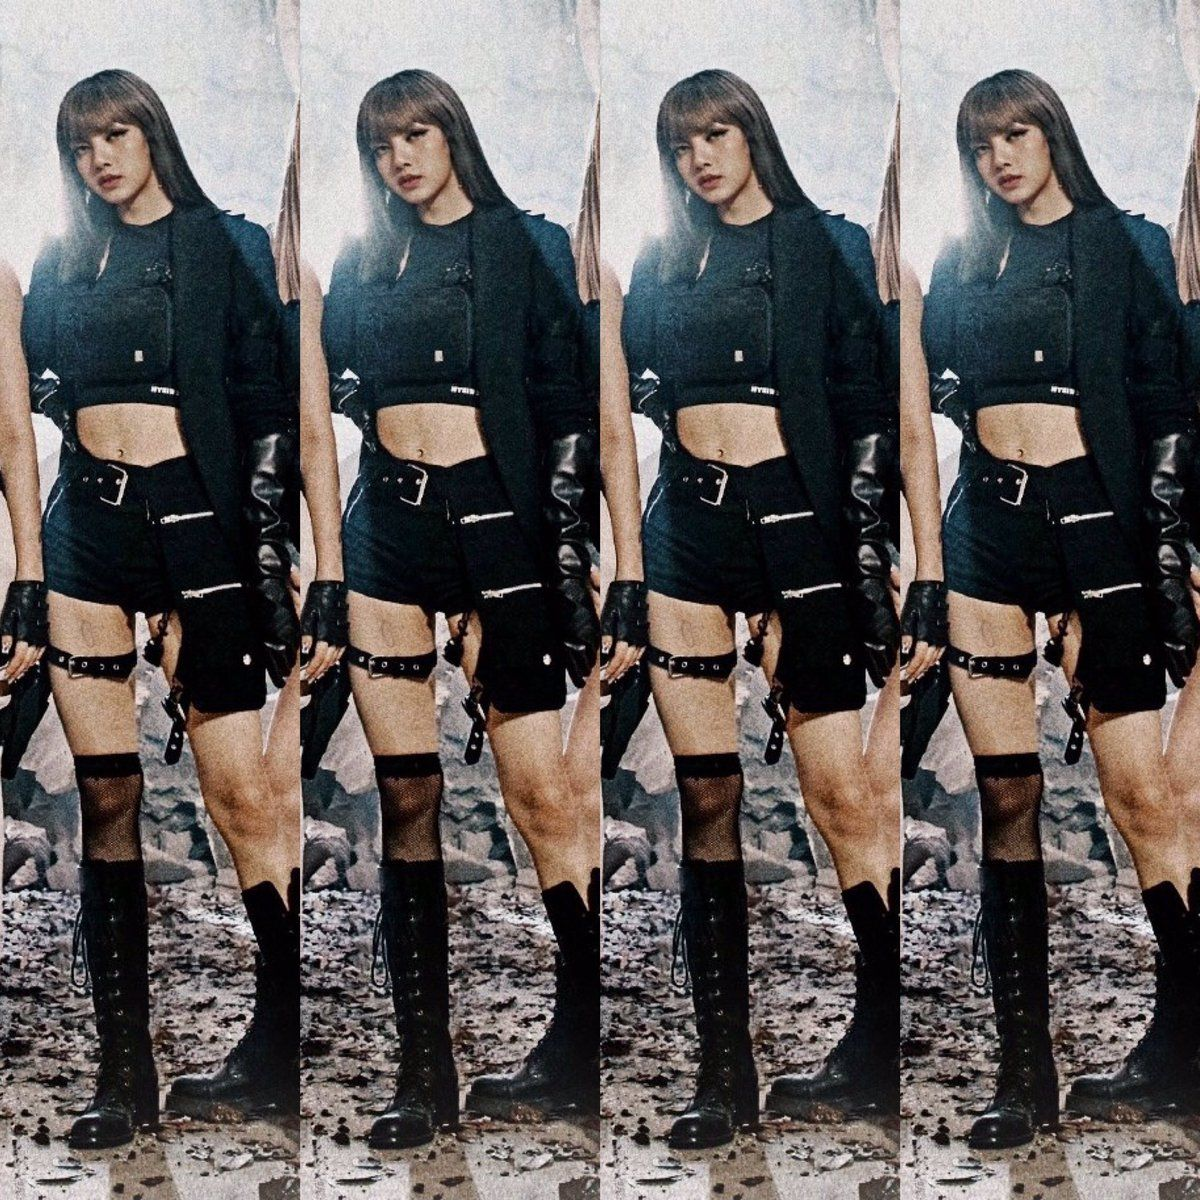 Lisa Lalisa Manoban New Single Kill This Love Blackpink Blackpink Lisa Lisa Blackpink Lalalalisa M Blackpinklisa Lisa Fashion Outfits Fac Ropa Pantalla